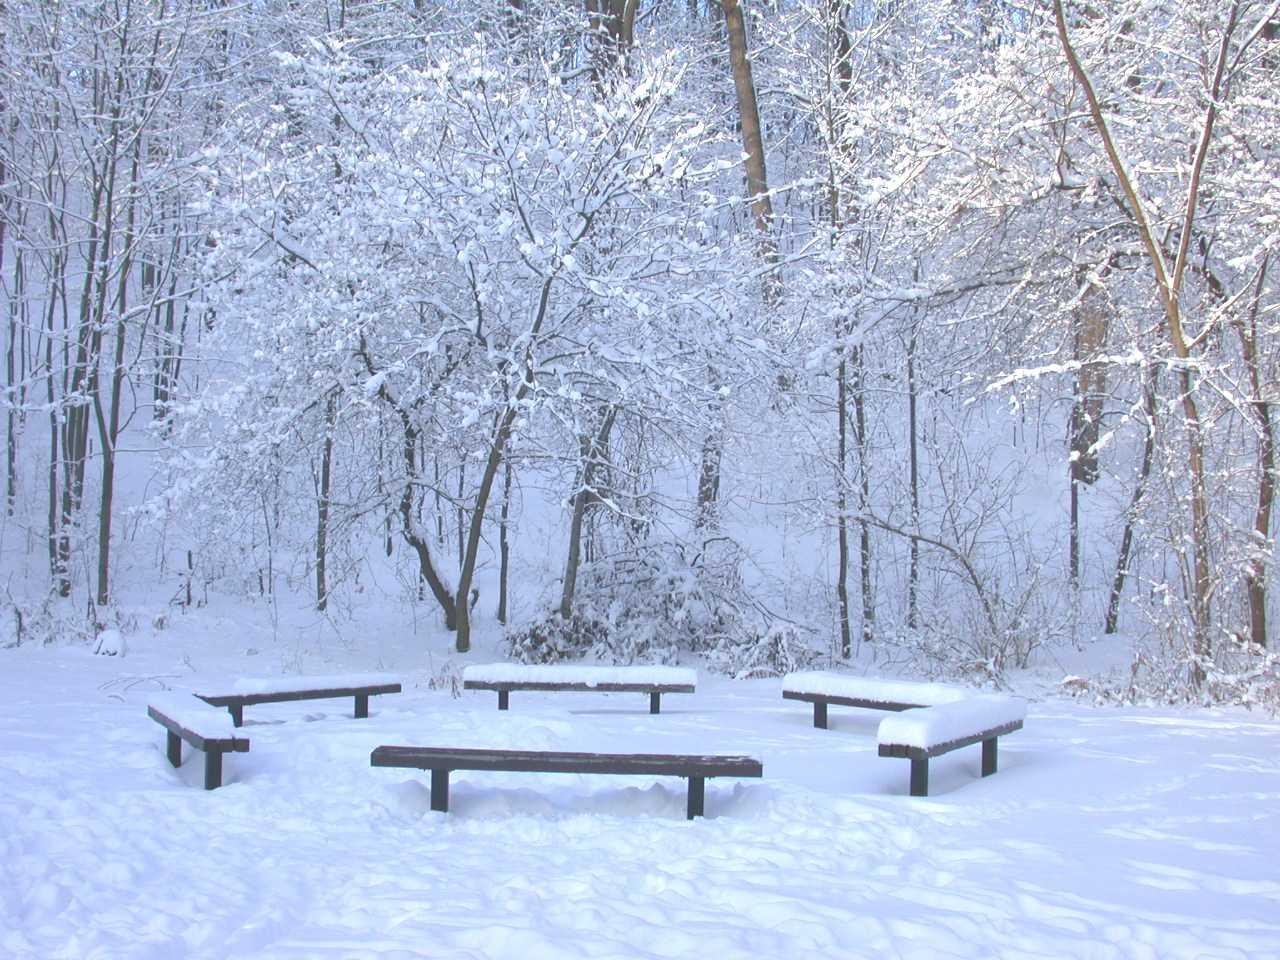 بالصور صور عن الشتاء , اروع صور للشتاء امطار و ثلوج 2933